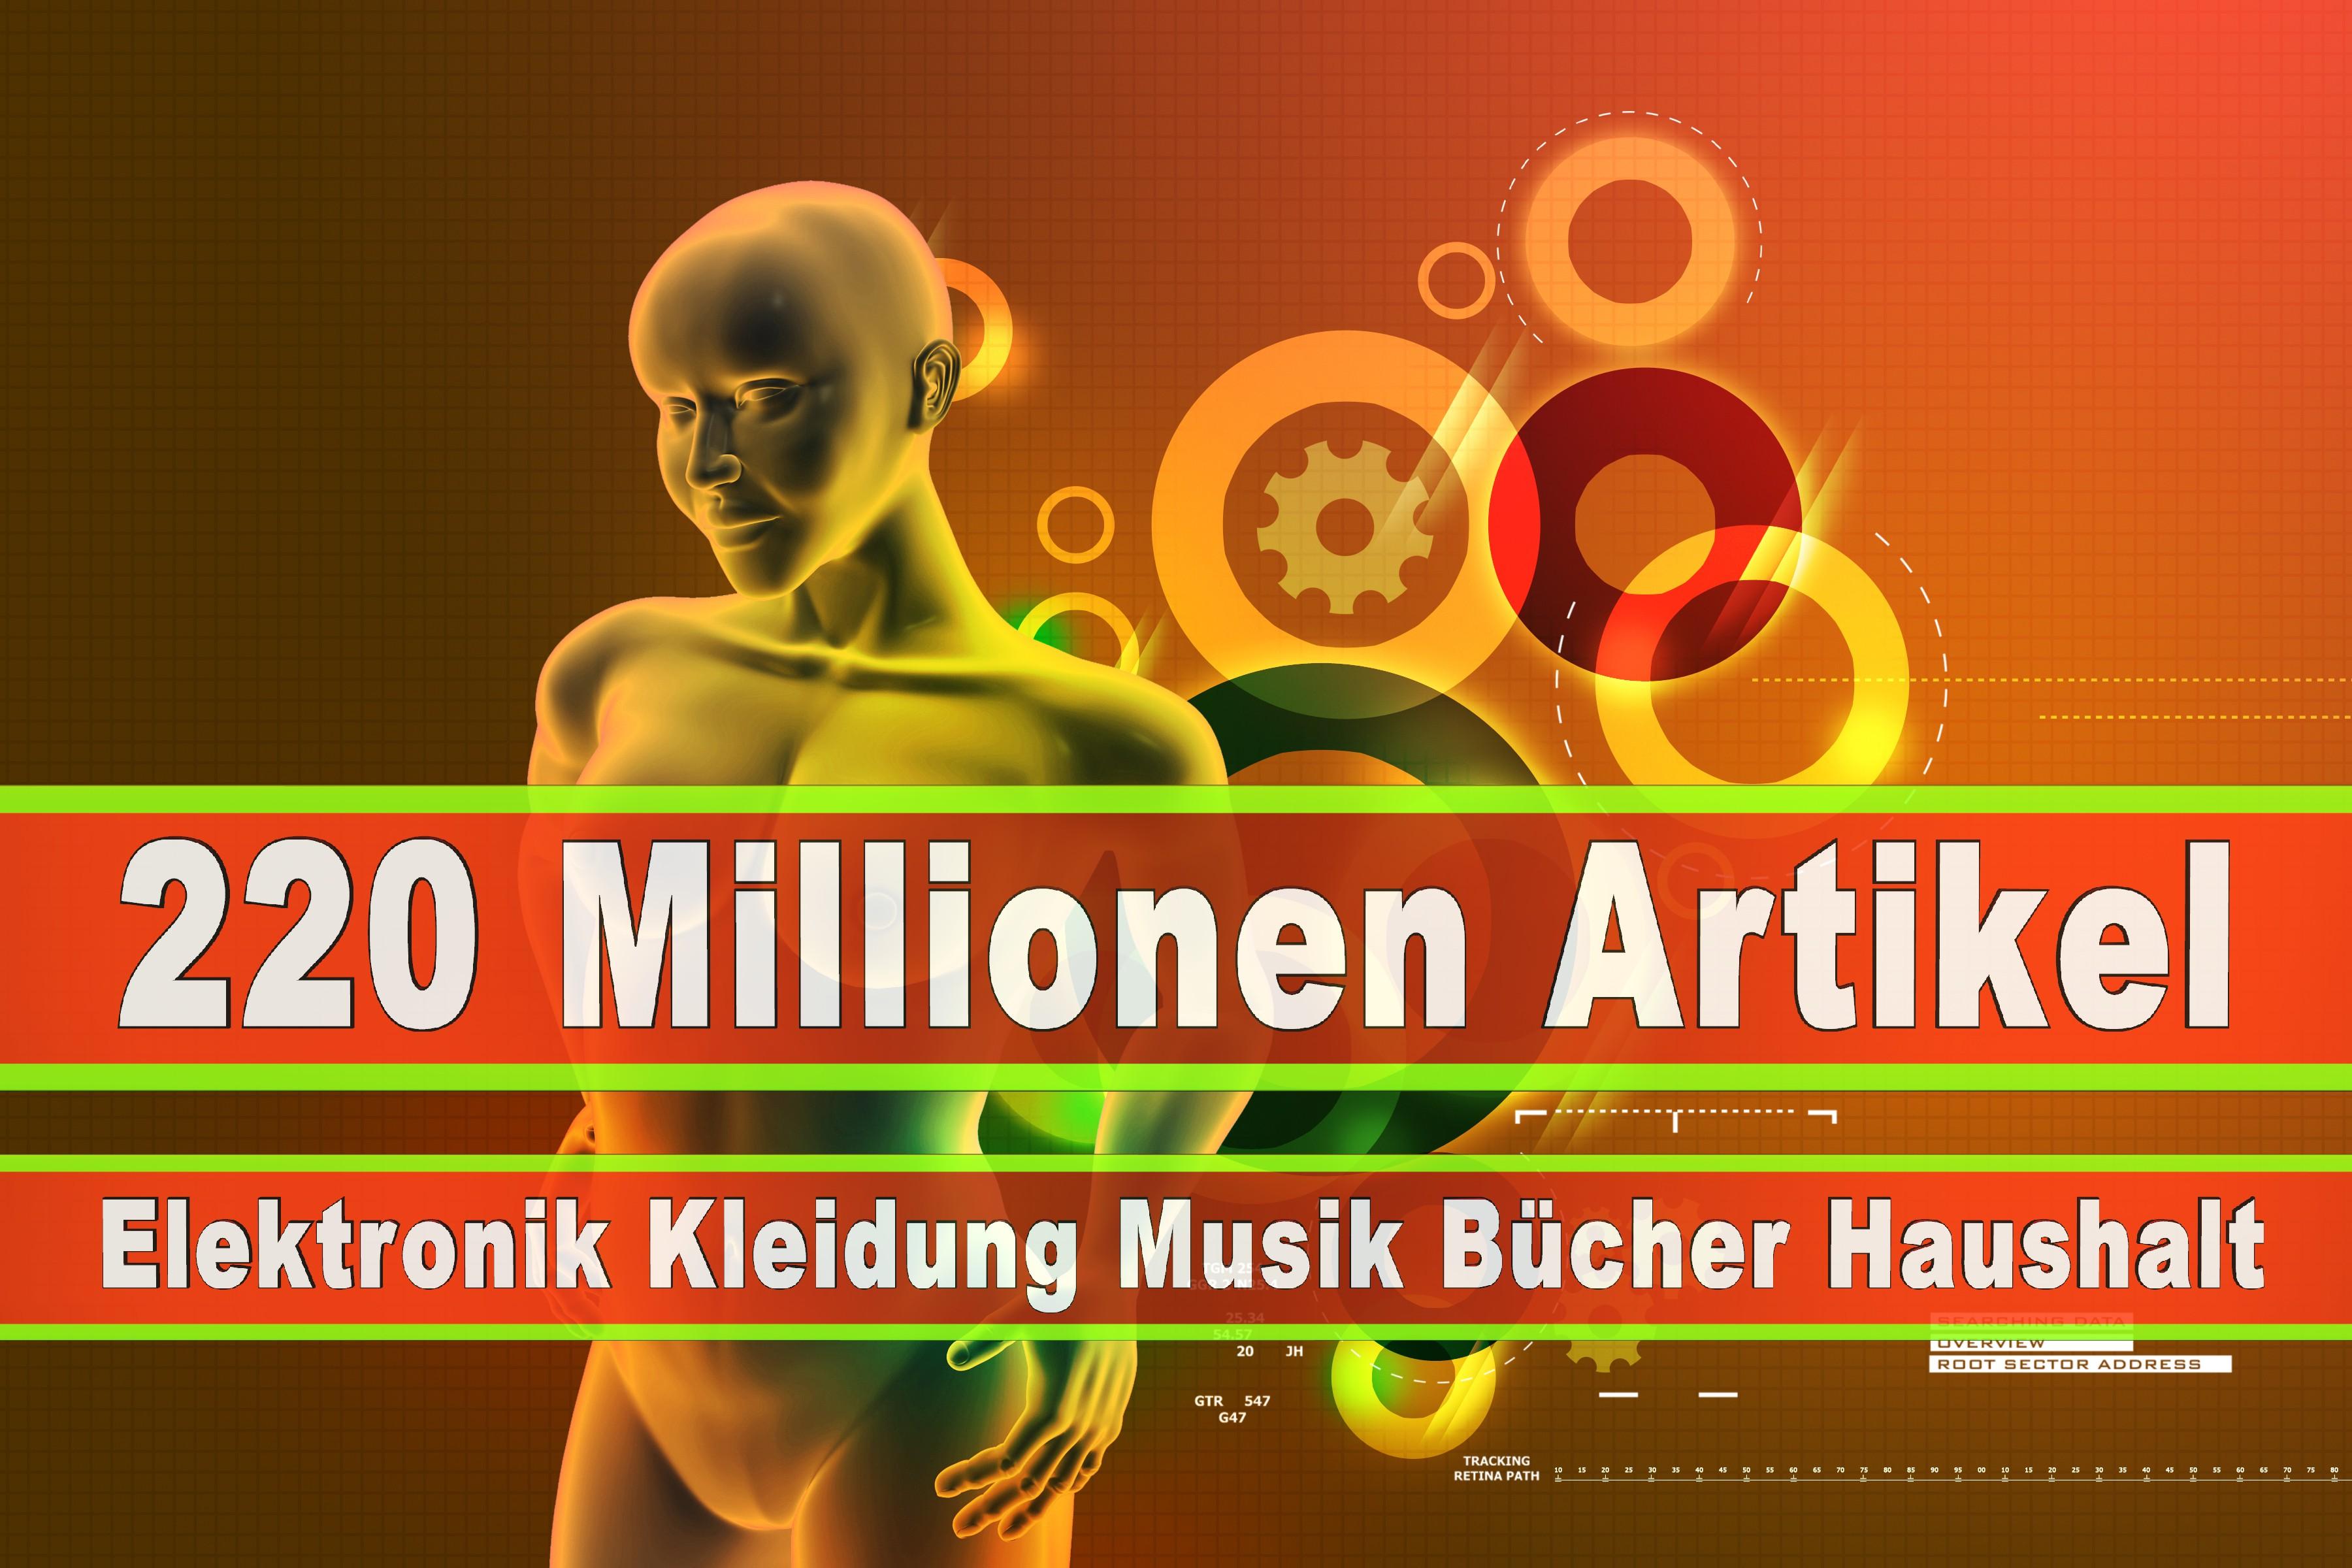 Amazon Elektronik Musik Haushalt Bücher CD DVD Handys Smartphones TV Television Fernseher Kleidung Mode Ebay (28)